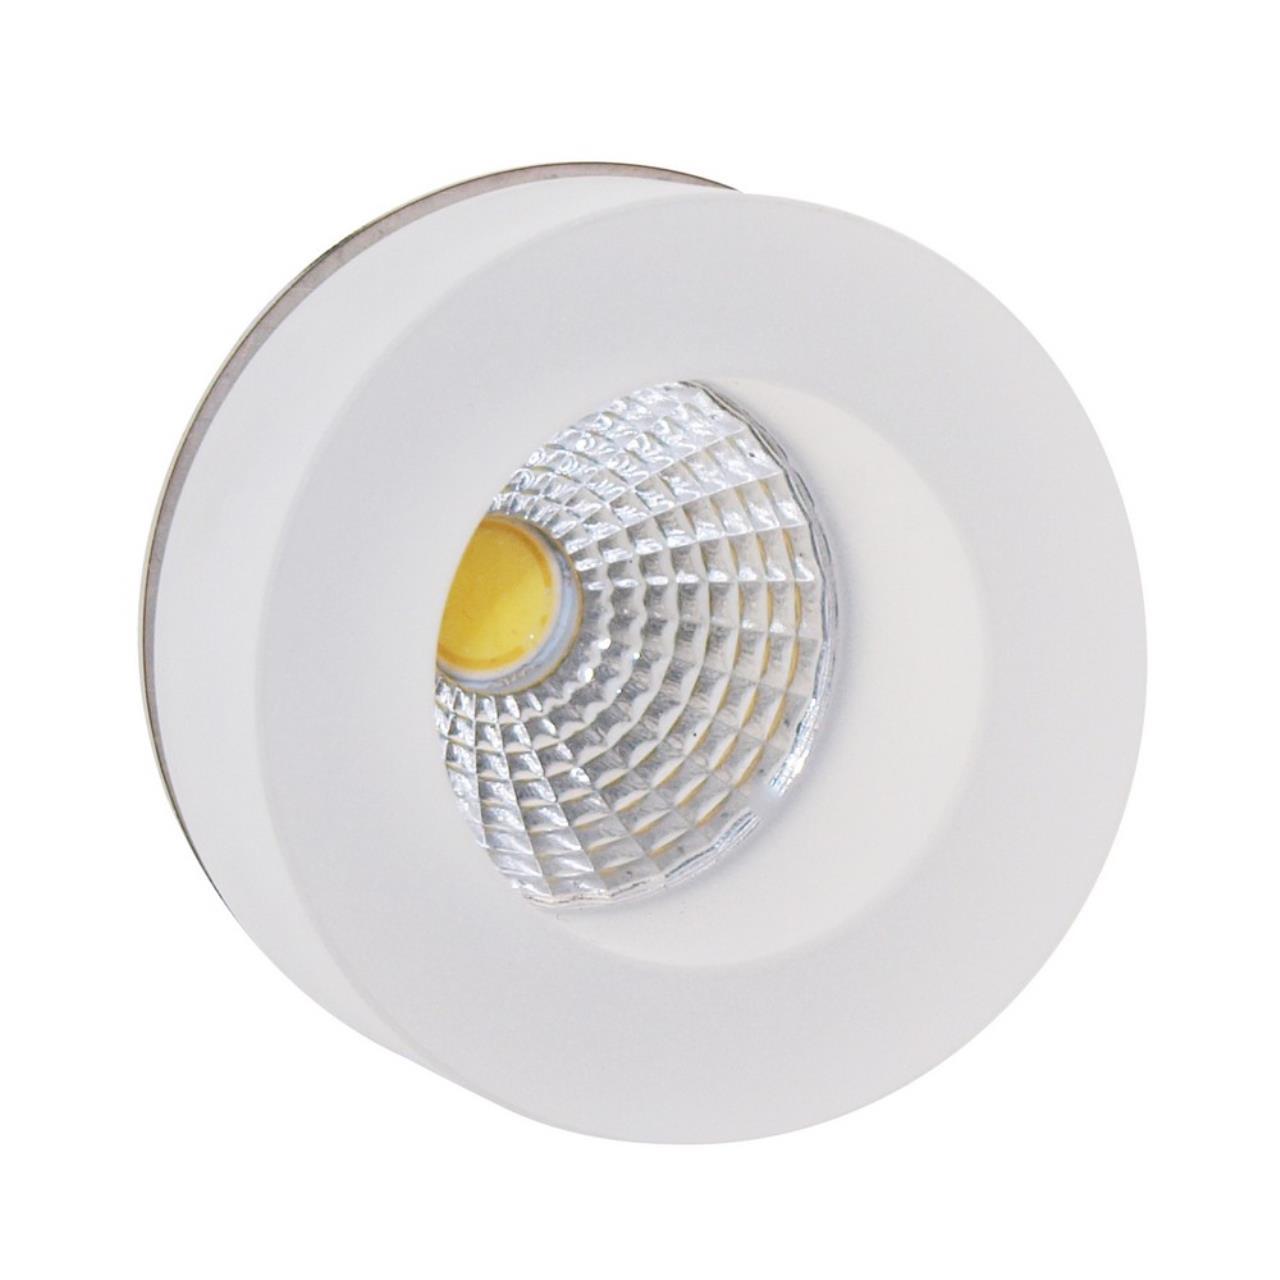 Встраиваемый-накладной светильник Aployt APL.0093.09.05